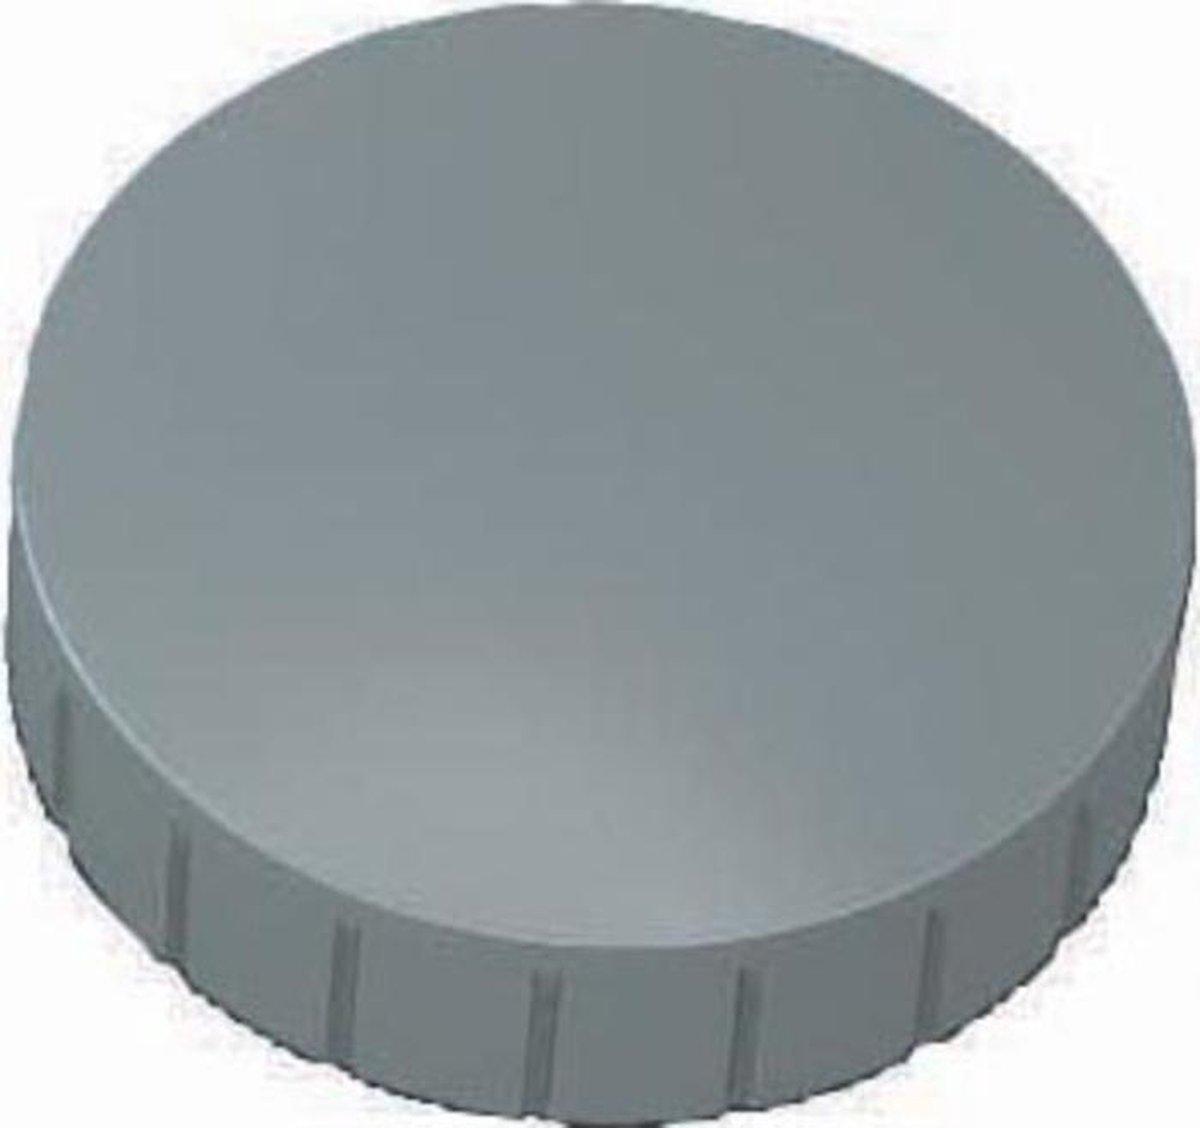 Maul Solid Magneet, 38 mm, Grijs, set van 10 stuks